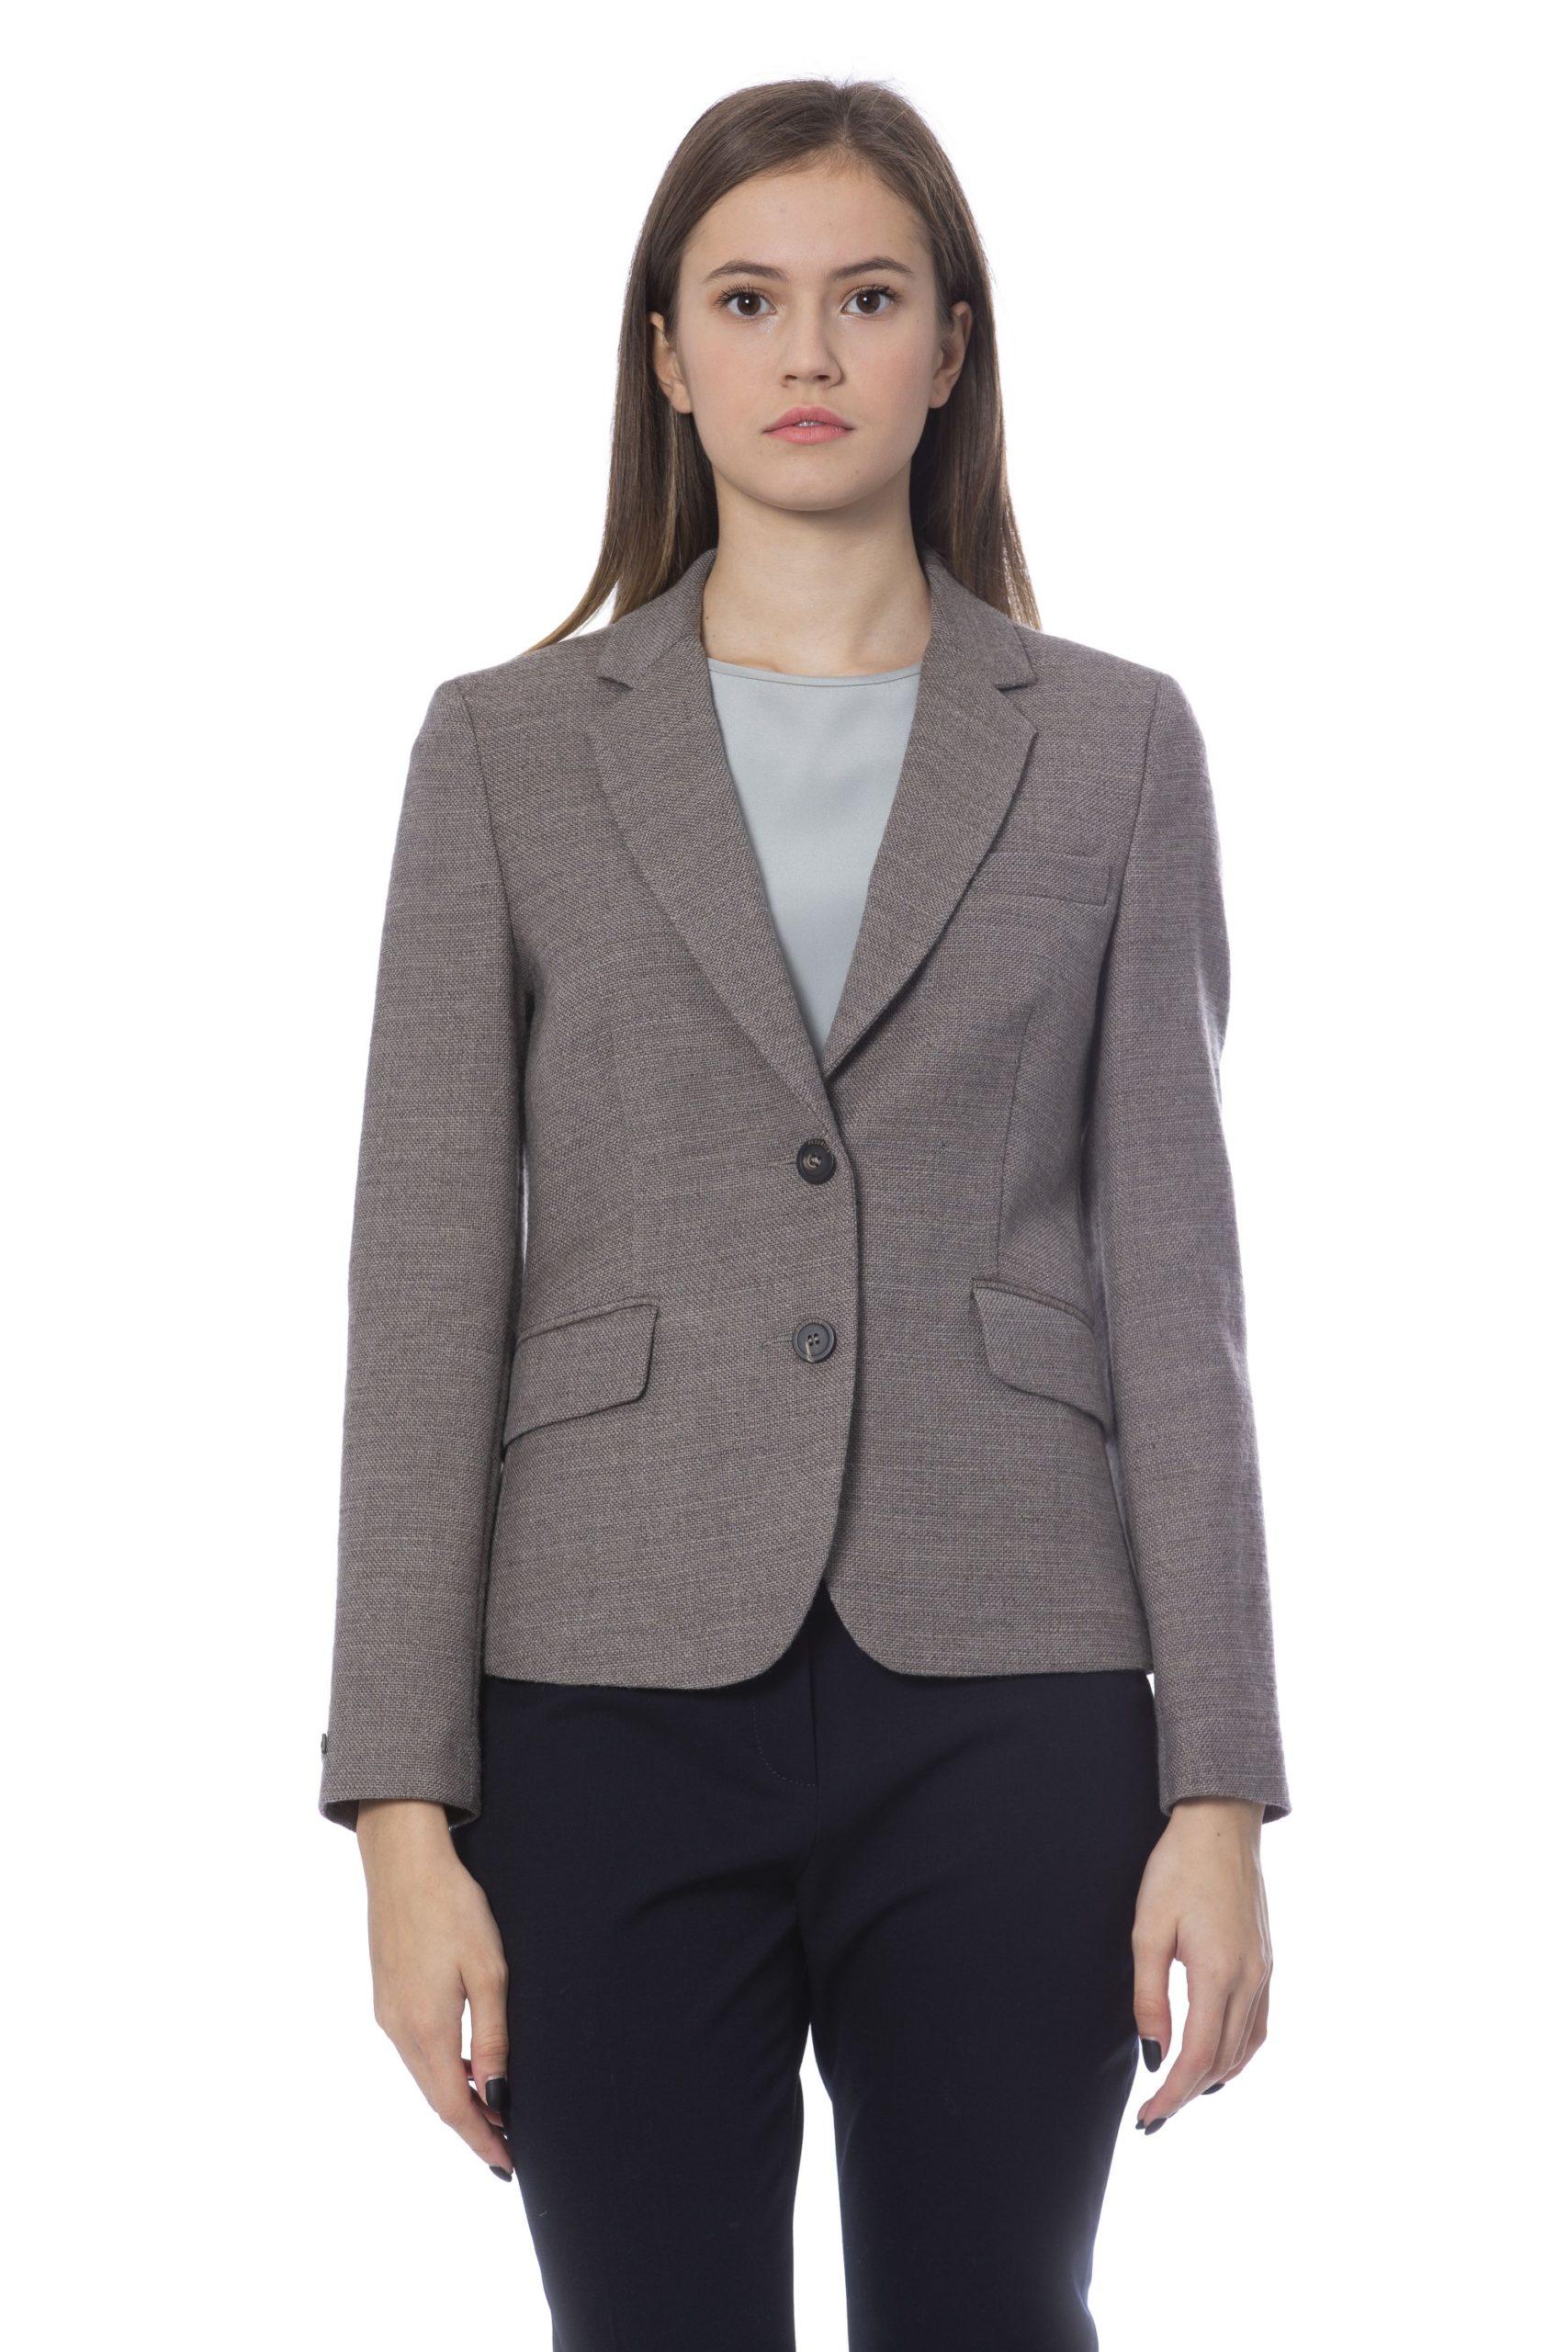 Peserico Women's Jackets Beige PE854568 - IT46 | L